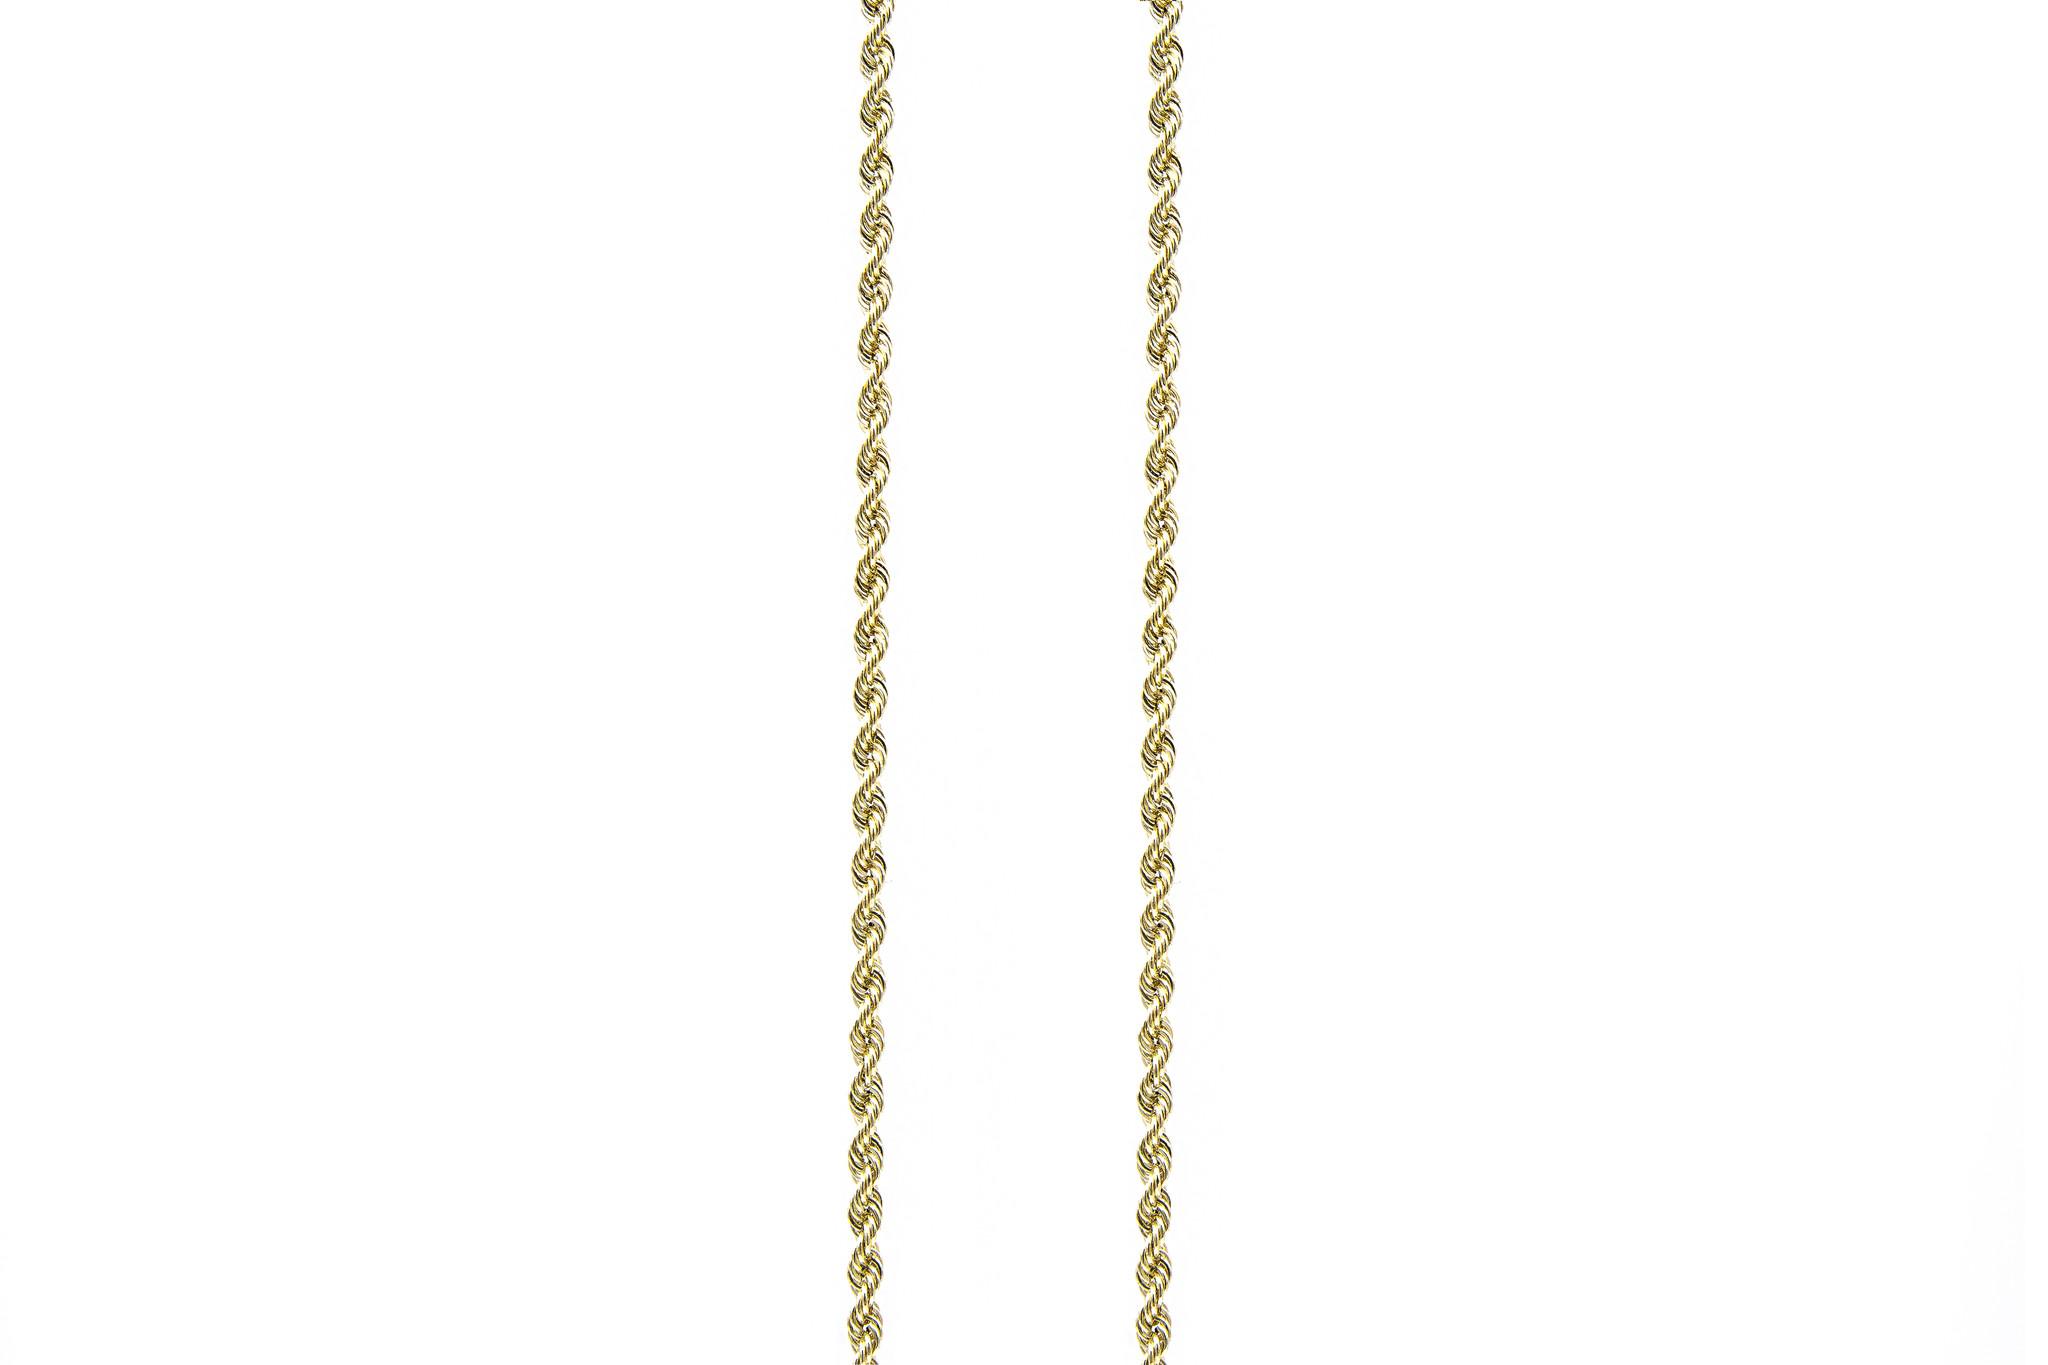 Rope Chain 18k-1